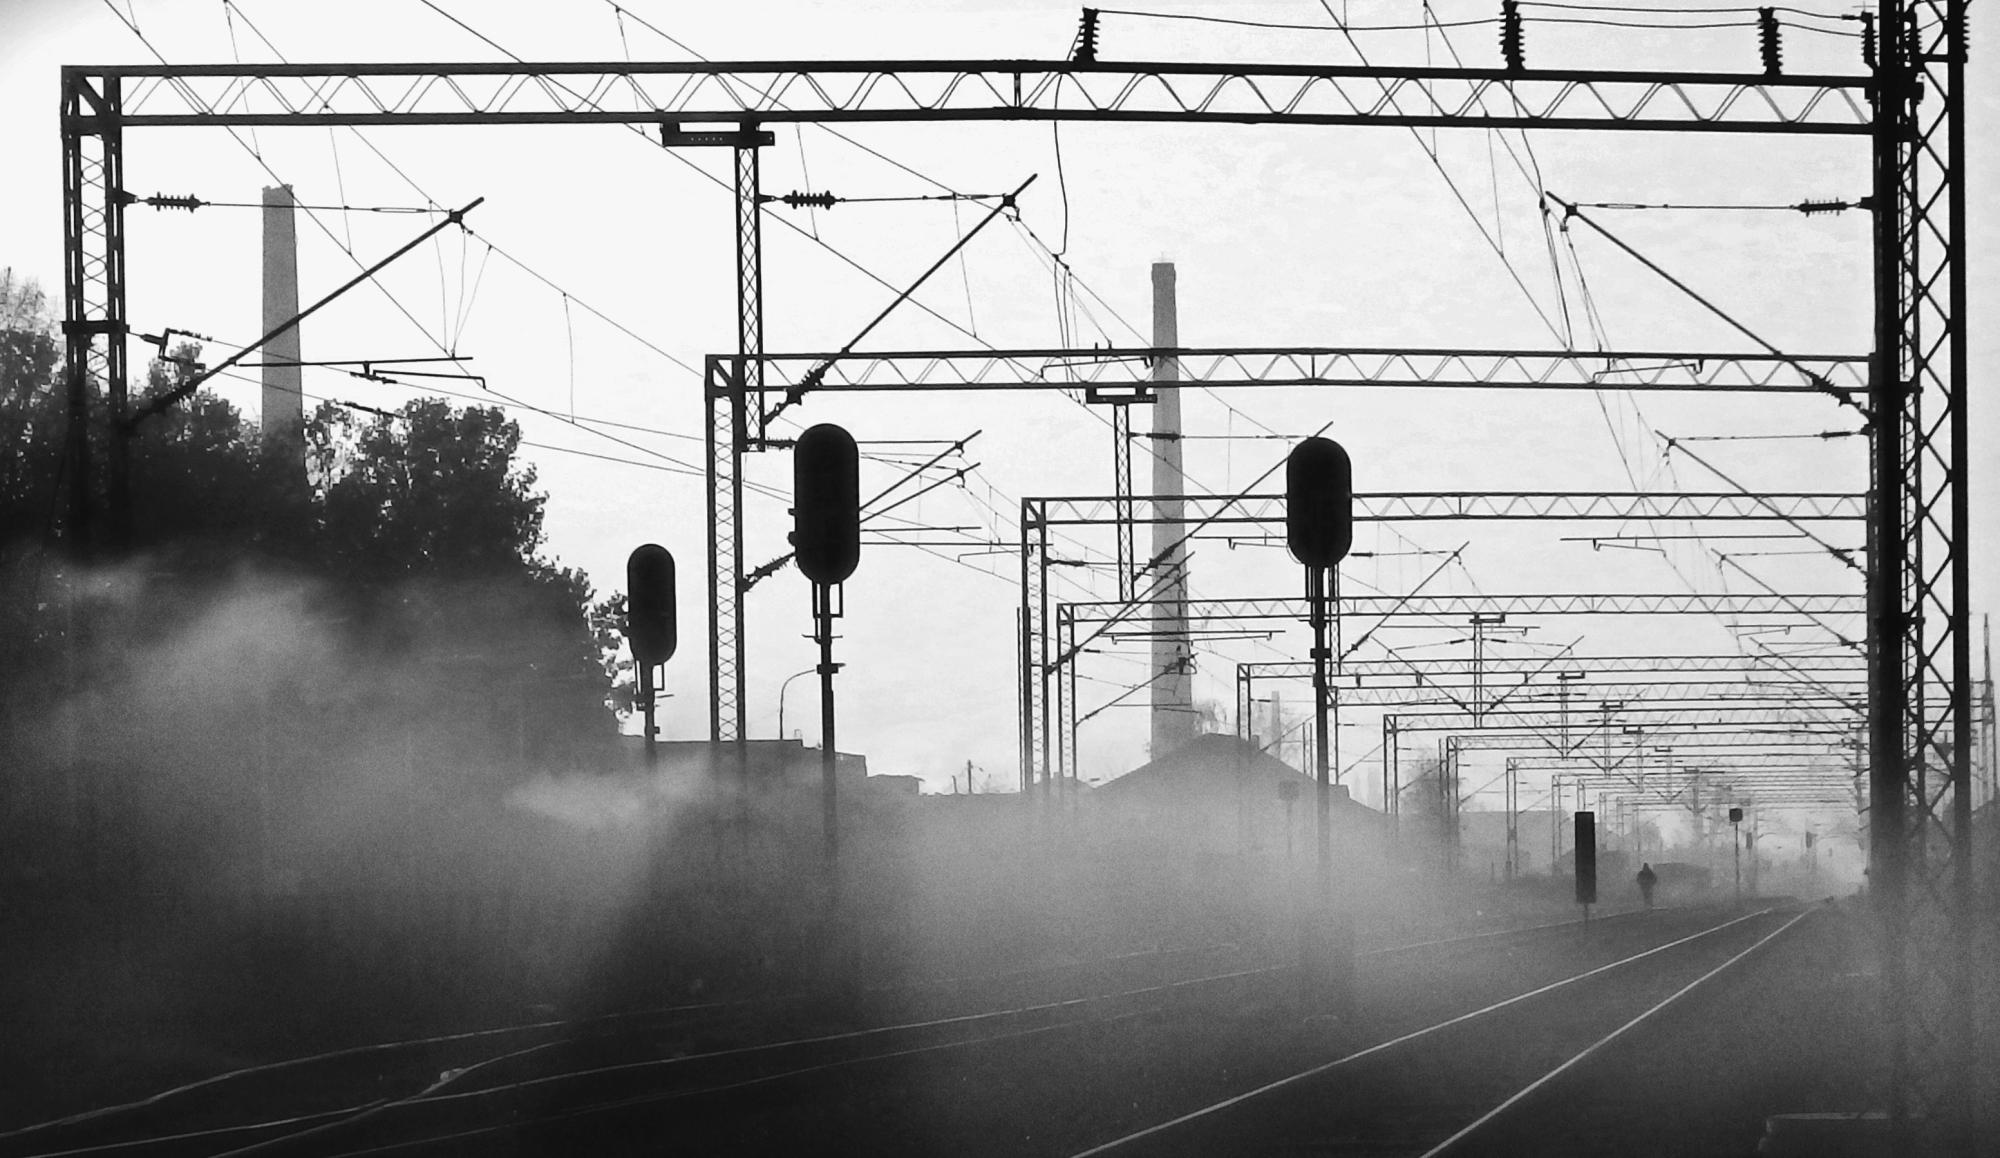 Walking among lines